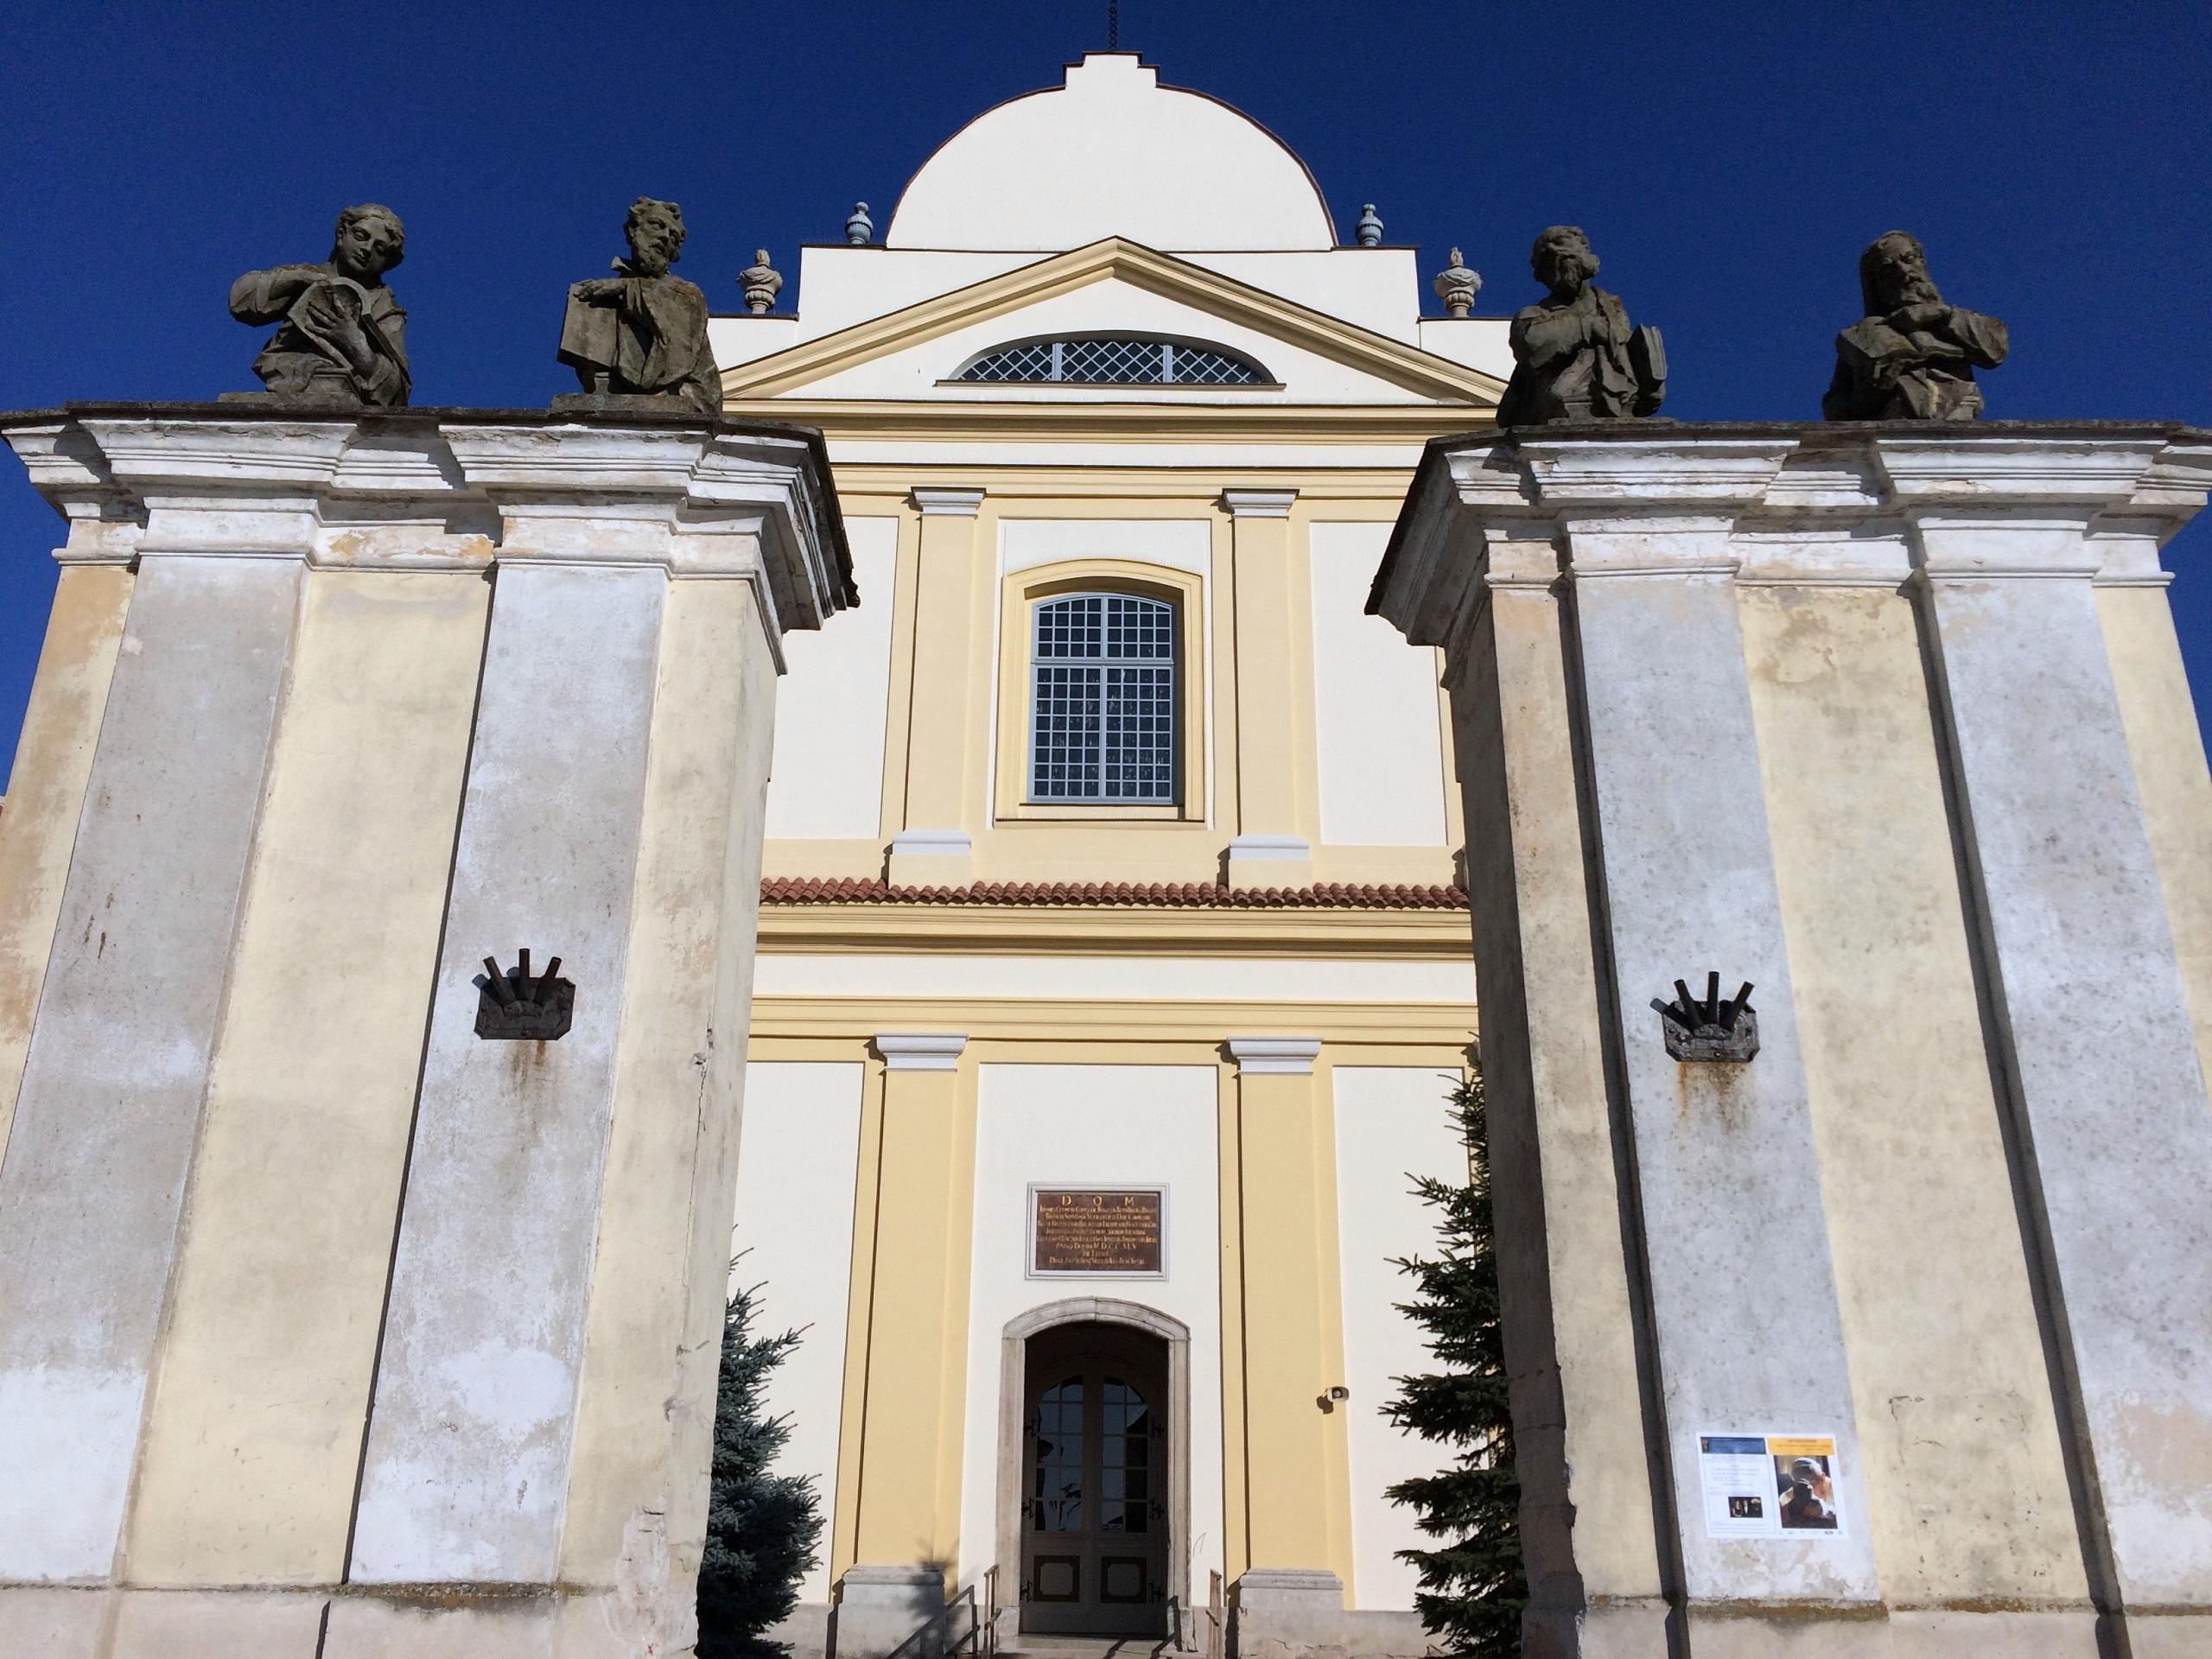 Kościół Świętej Trójcy w Tykocinie - TOP 10 atrakcji Podlasia